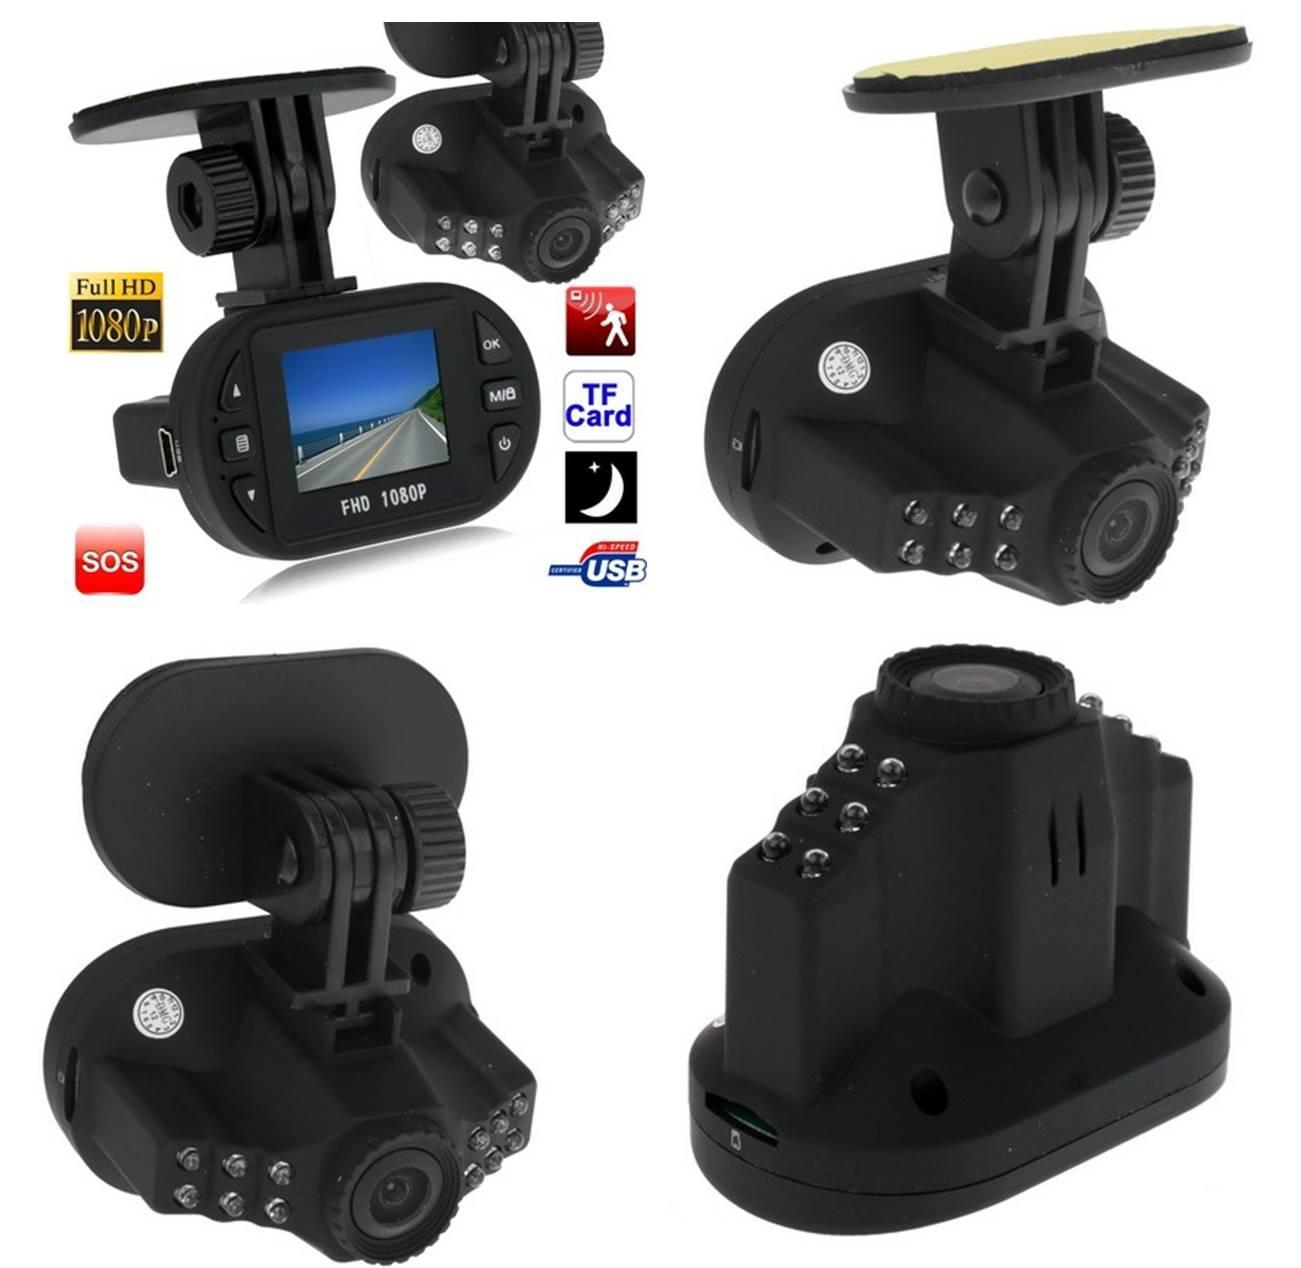 Adictos a los videojuegos consolas telefonia e - Camaras de vigilancia baratas ...